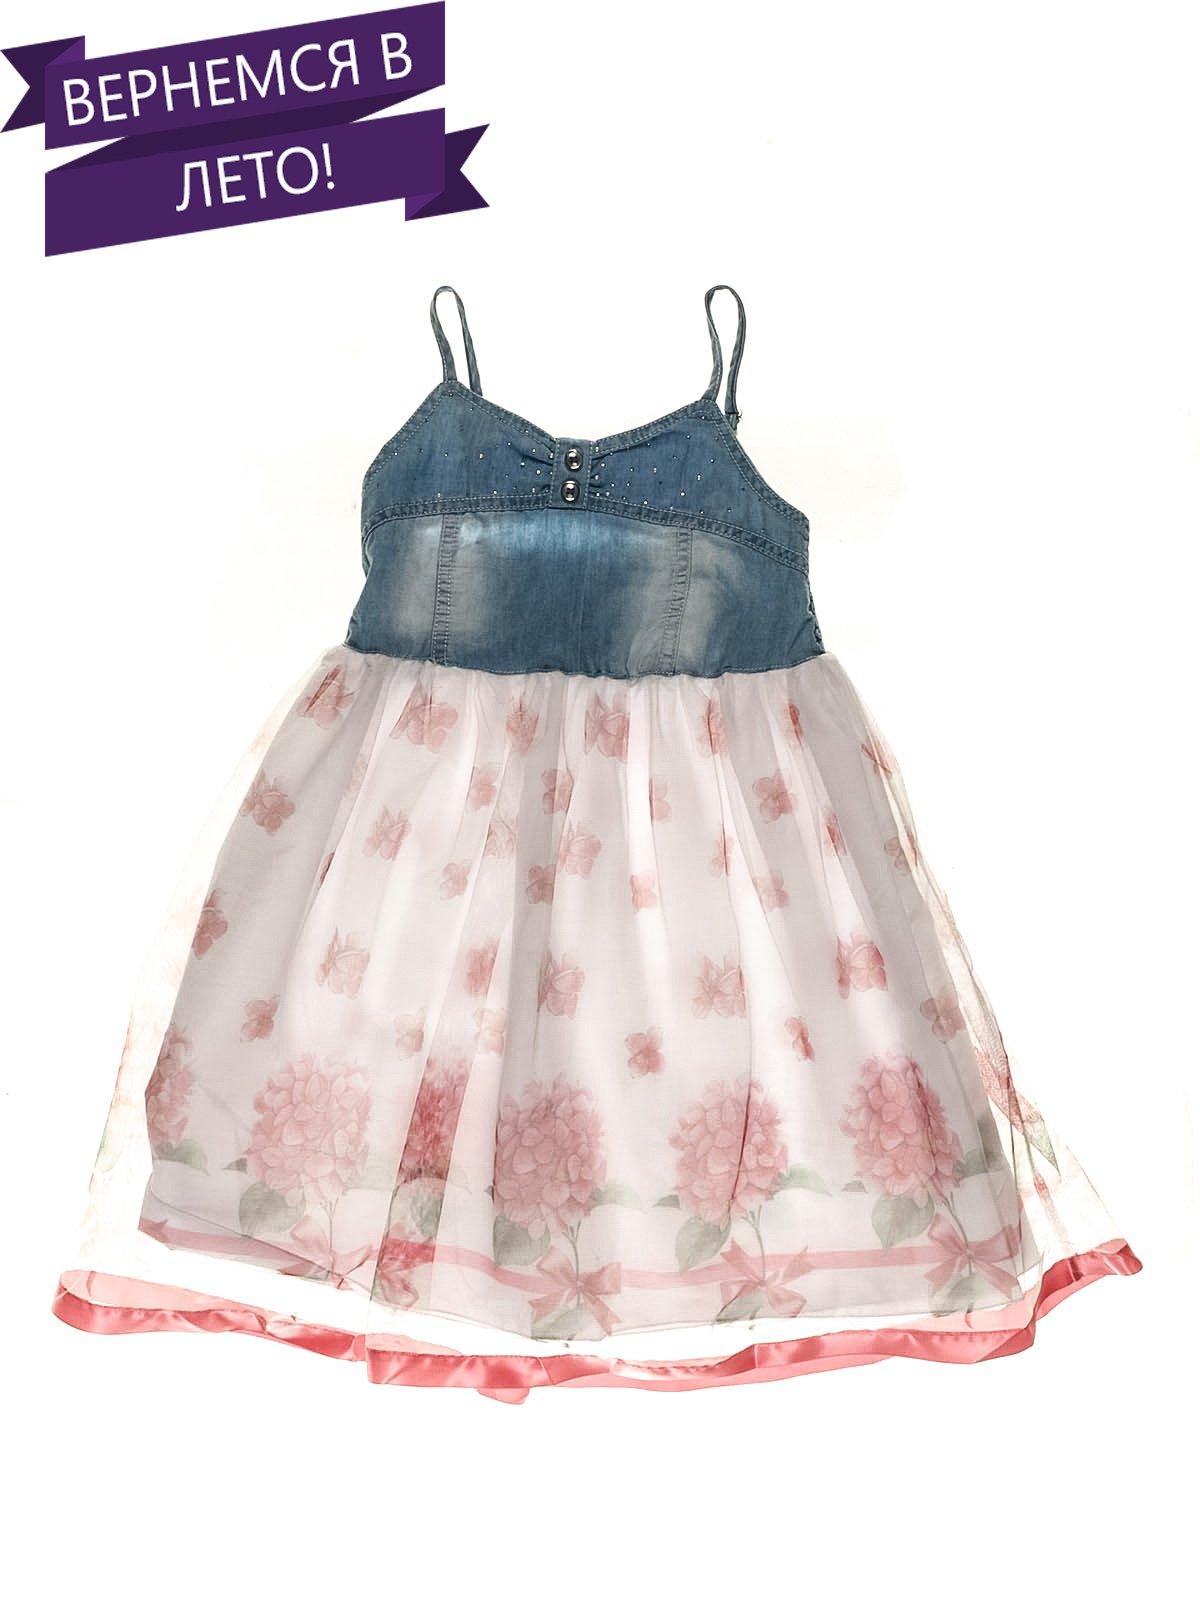 Сарафан синьо-білий з рожевим принтом | 3300710